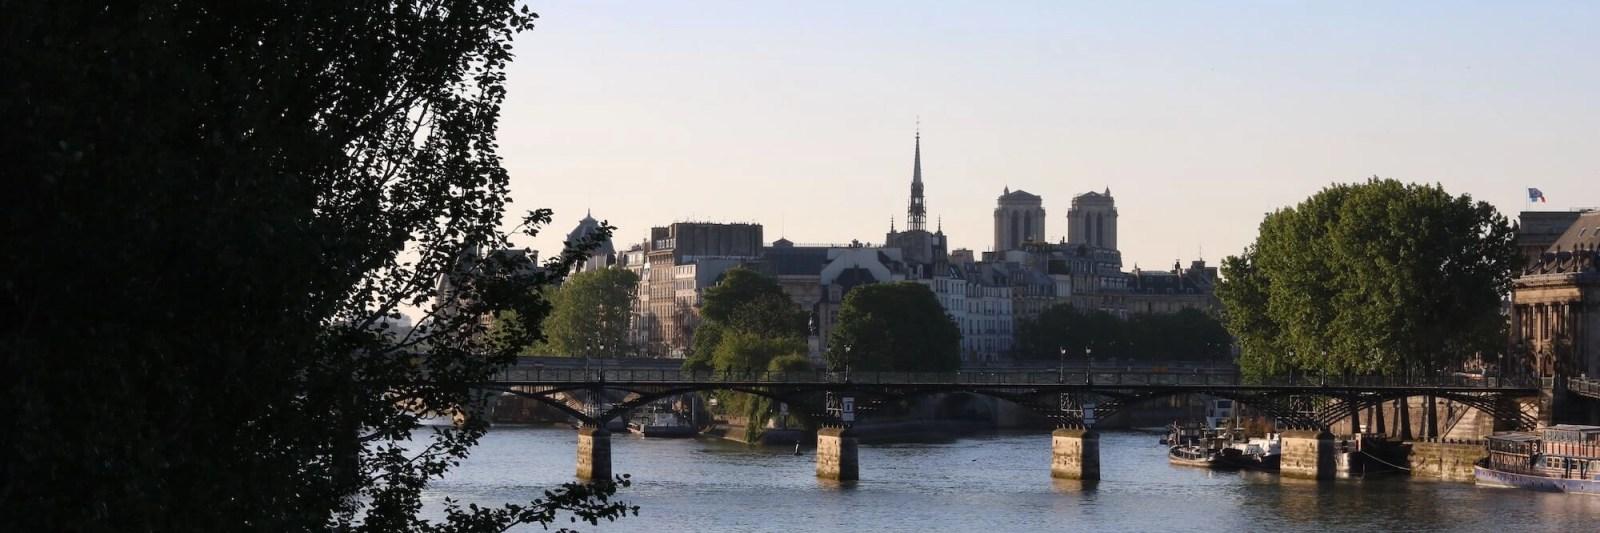 Content Marketing Monetization, Paris, Siene river, France